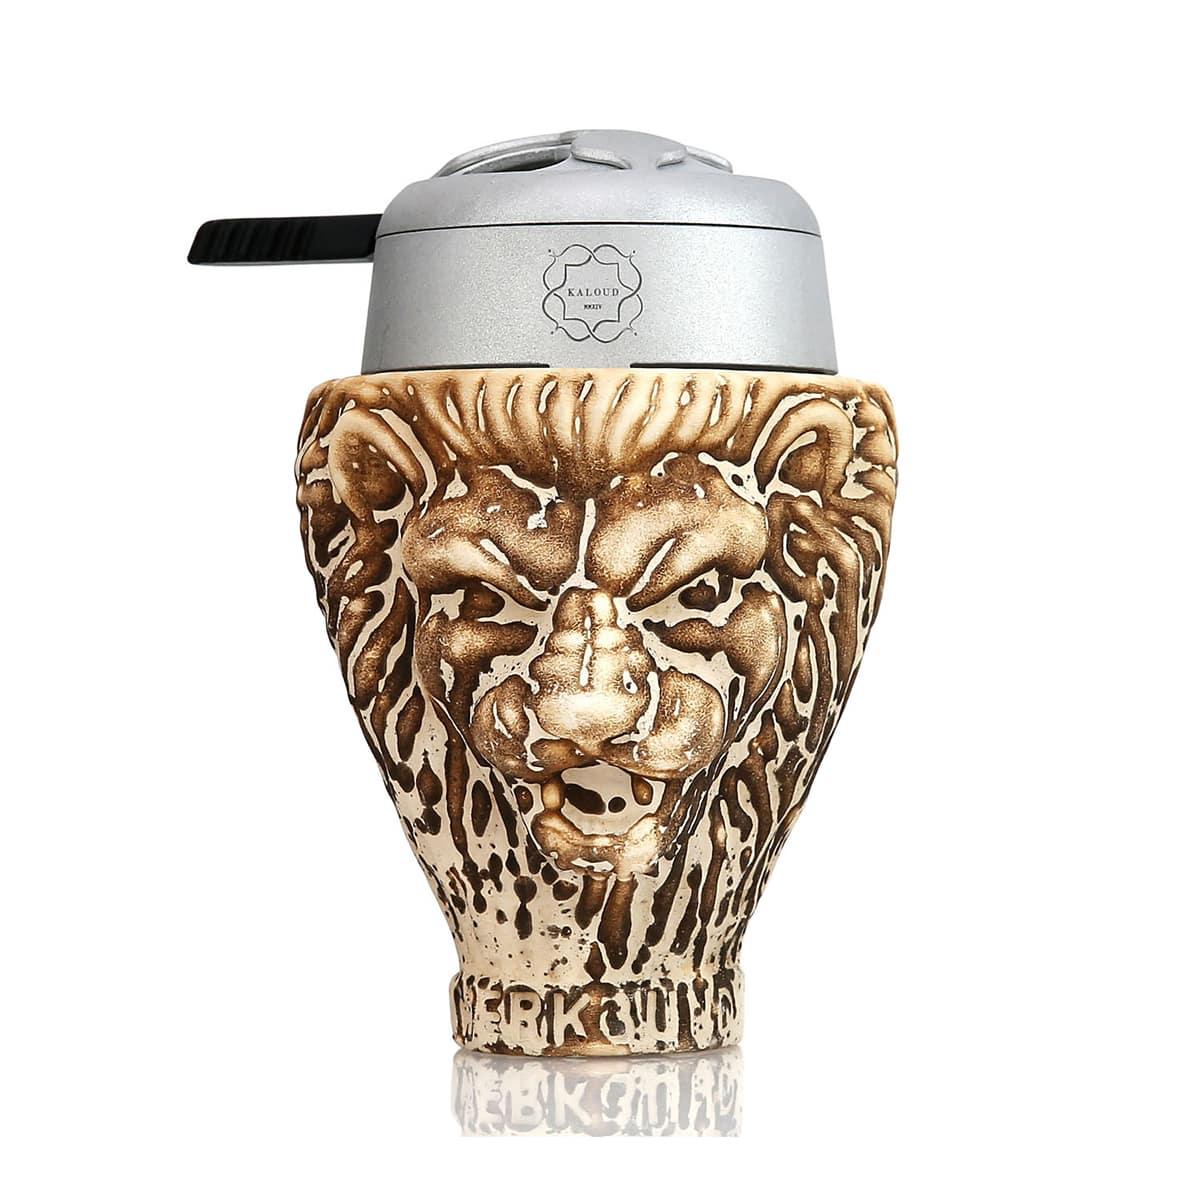 Creuzet Werkbund Hookah Lion Kaloud Lotus